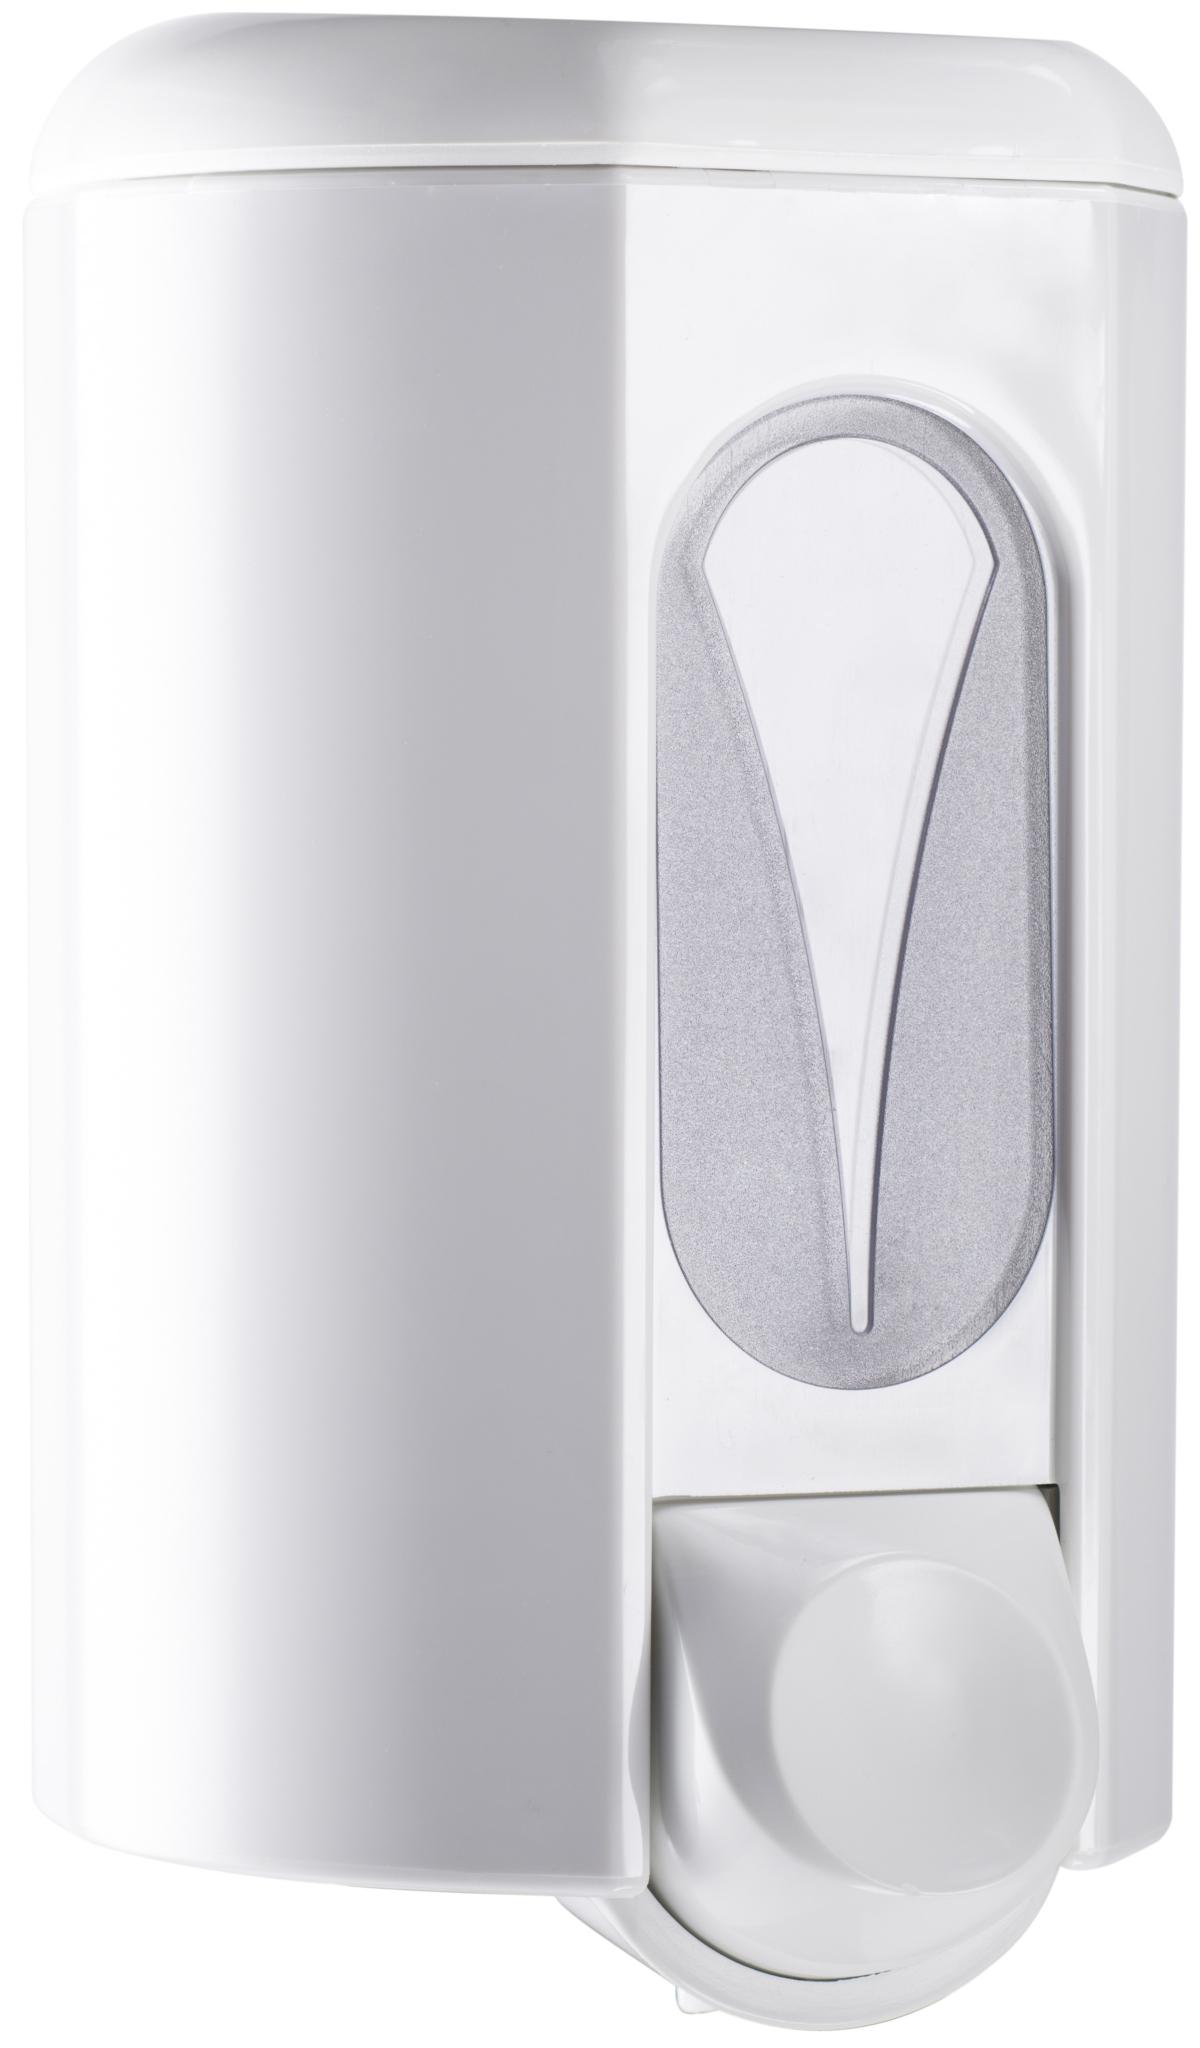 waschmaschine 50 cm breit frontlader waschmaschine 50 cm. Black Bedroom Furniture Sets. Home Design Ideas